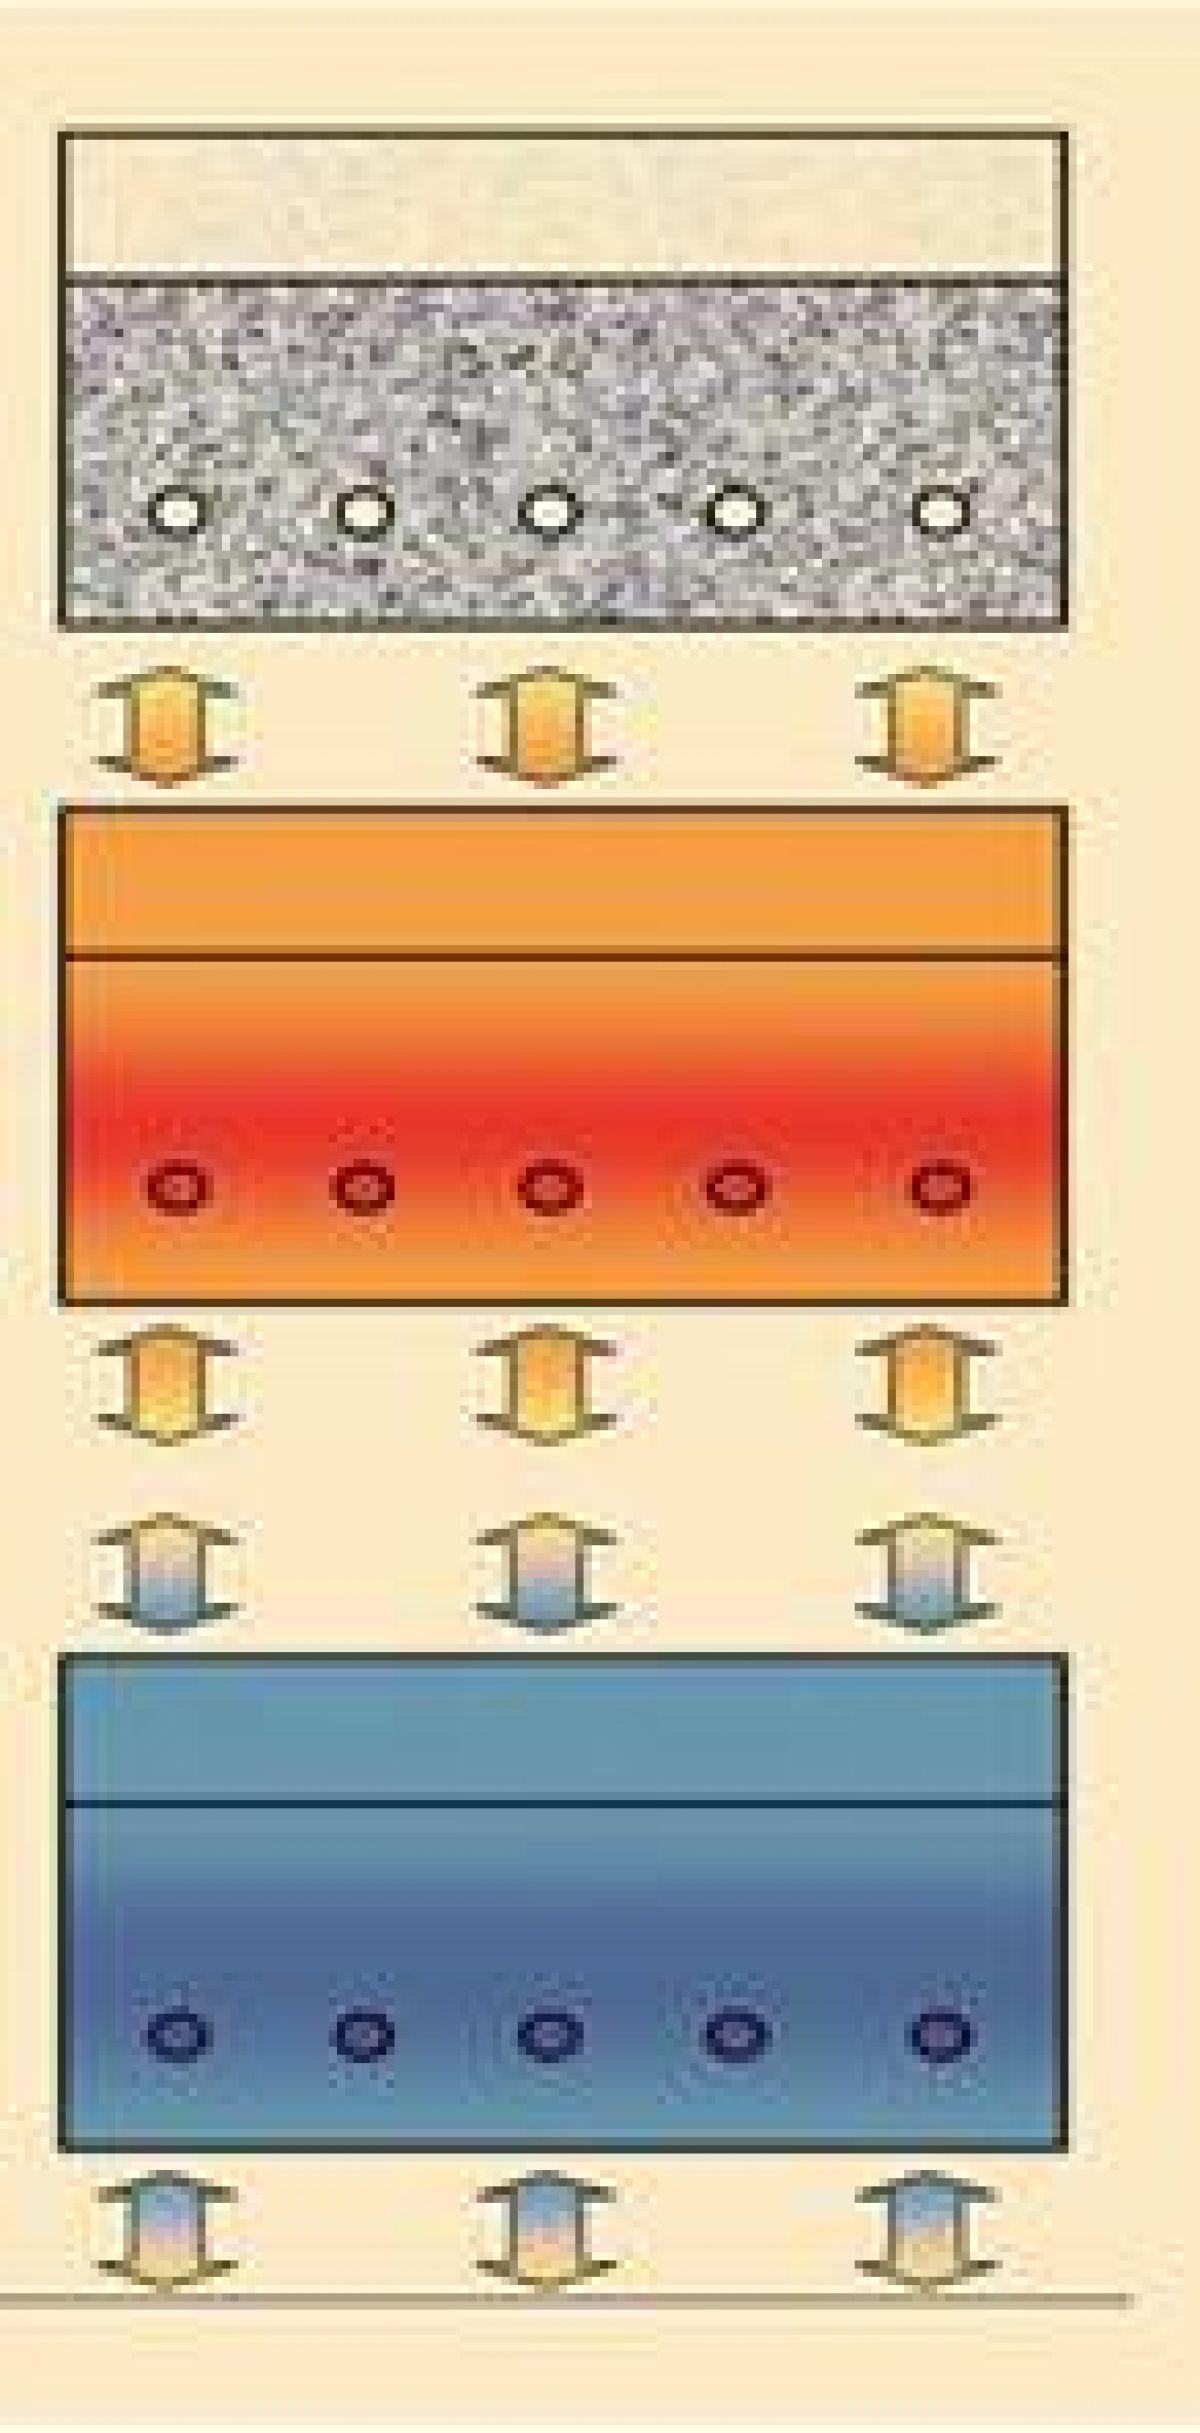 Het principe van betonkernactivering